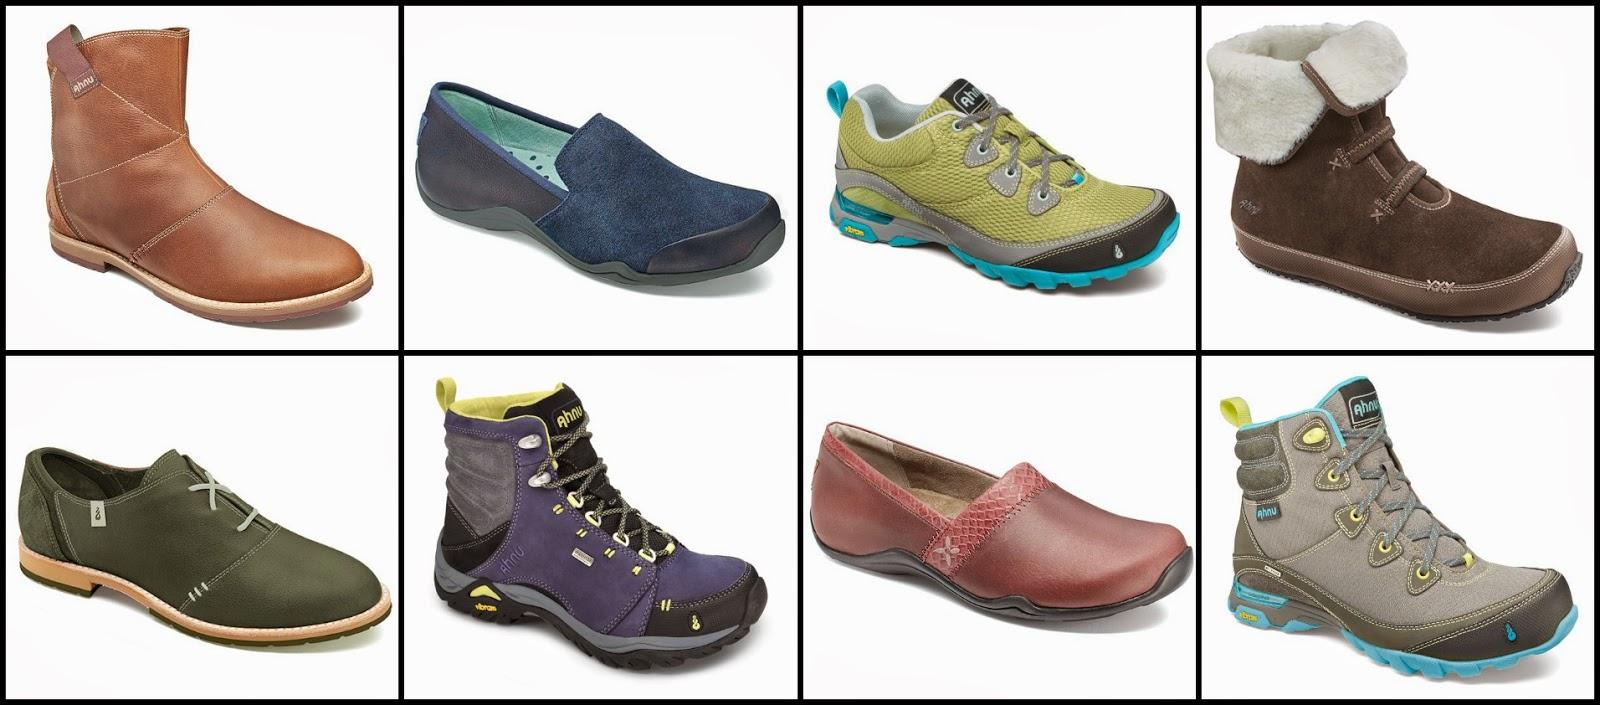 Ahnu footwear